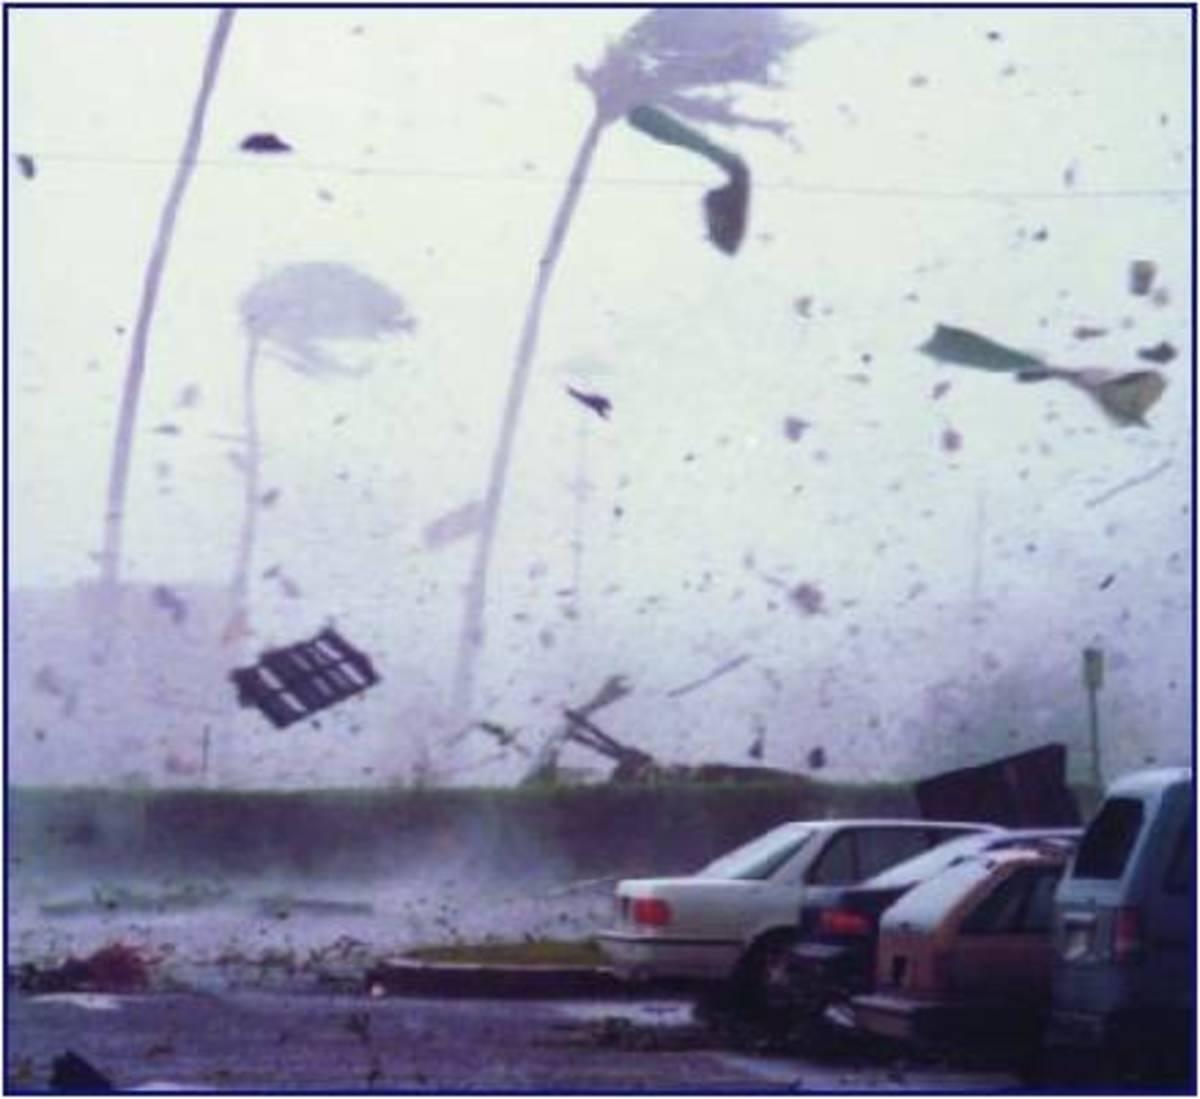 Hurricane Iniki- Kauai, Hawaii Sept. 11, 1992